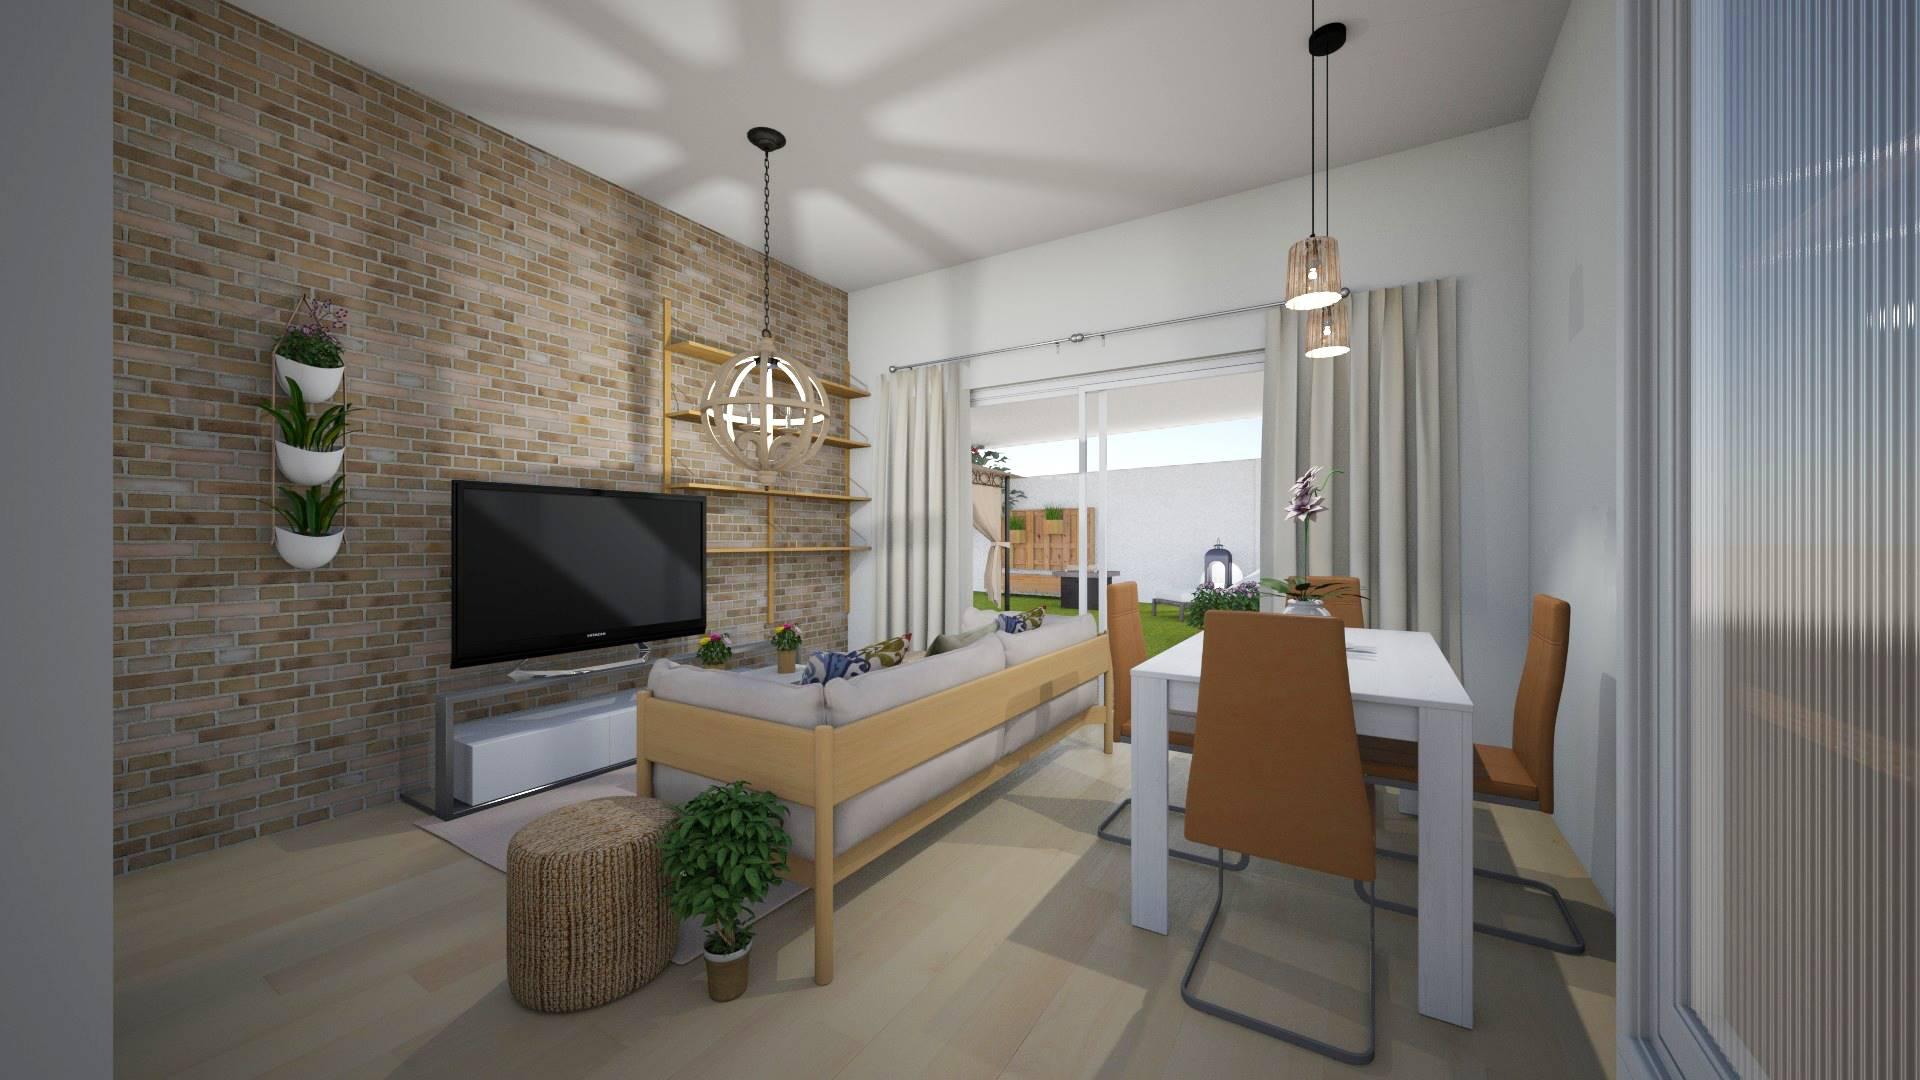 GHEZZANO, SAN GIULIANO TERME, Квартира независимый на продажу из 102 Км, После ремонта, Отопление Независимое, Класс энергосбережения: G, Epi: 2